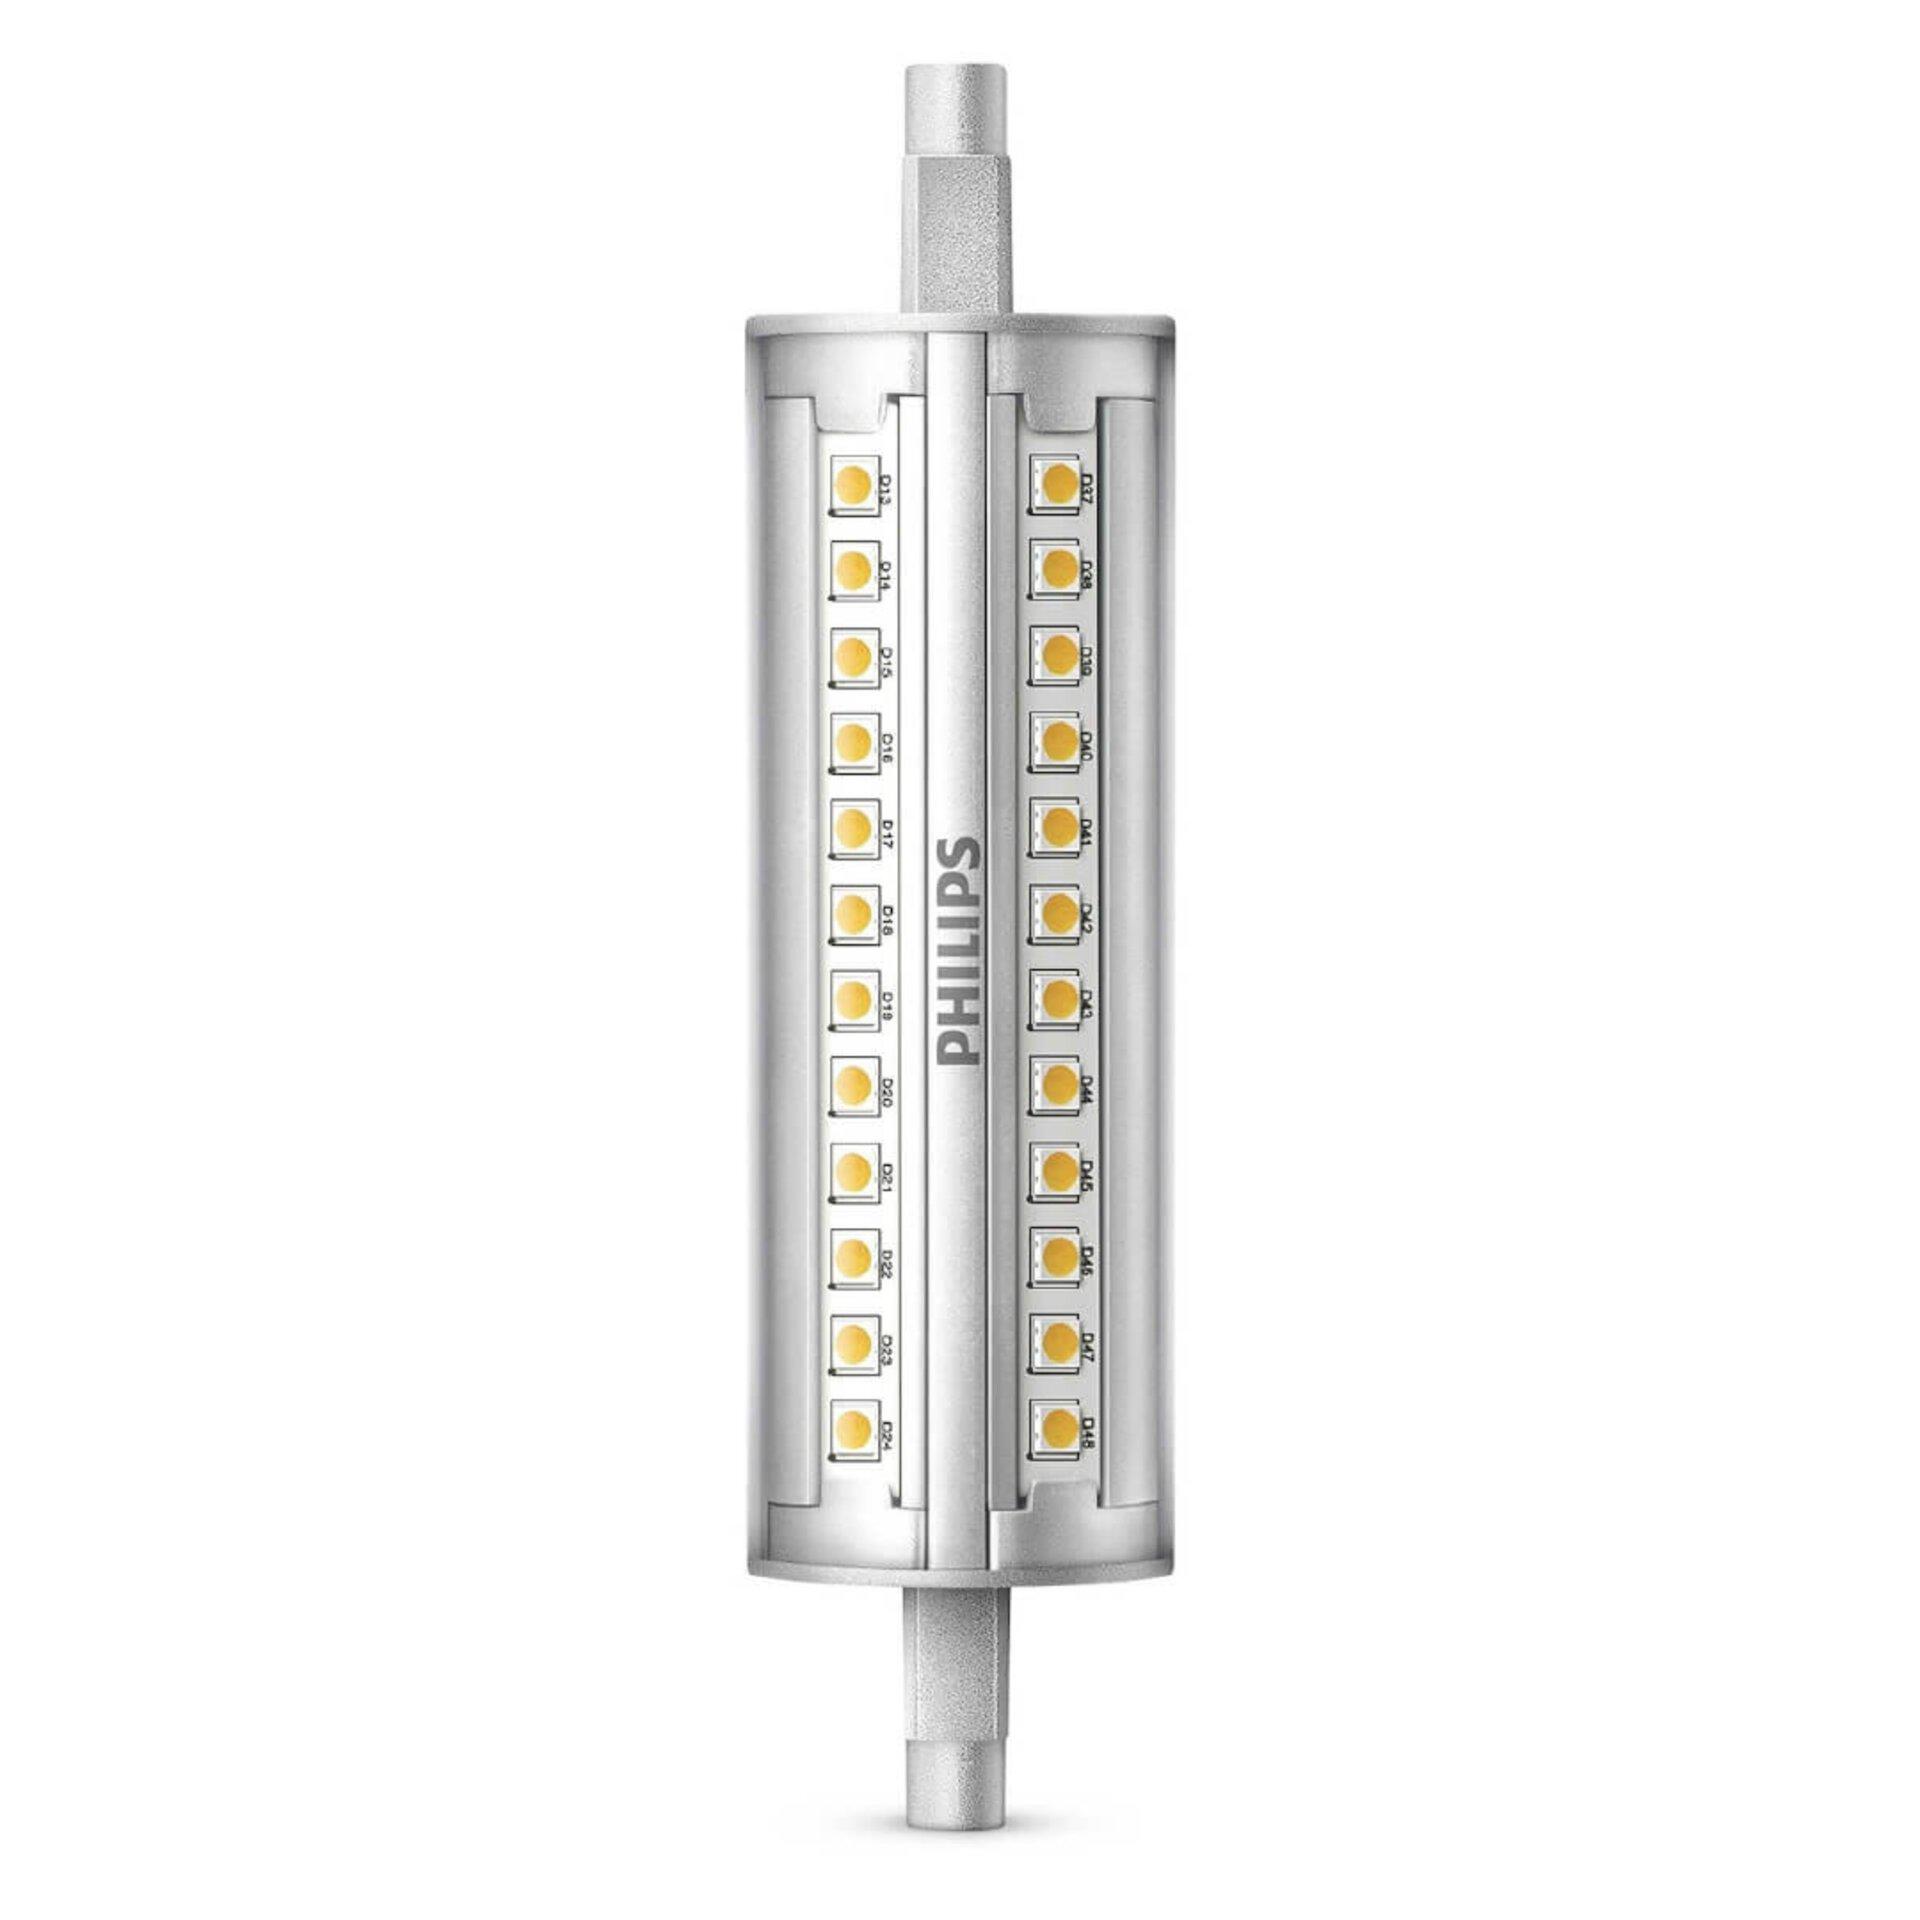 LED Röhre von Philips 14W | A+ | R7s